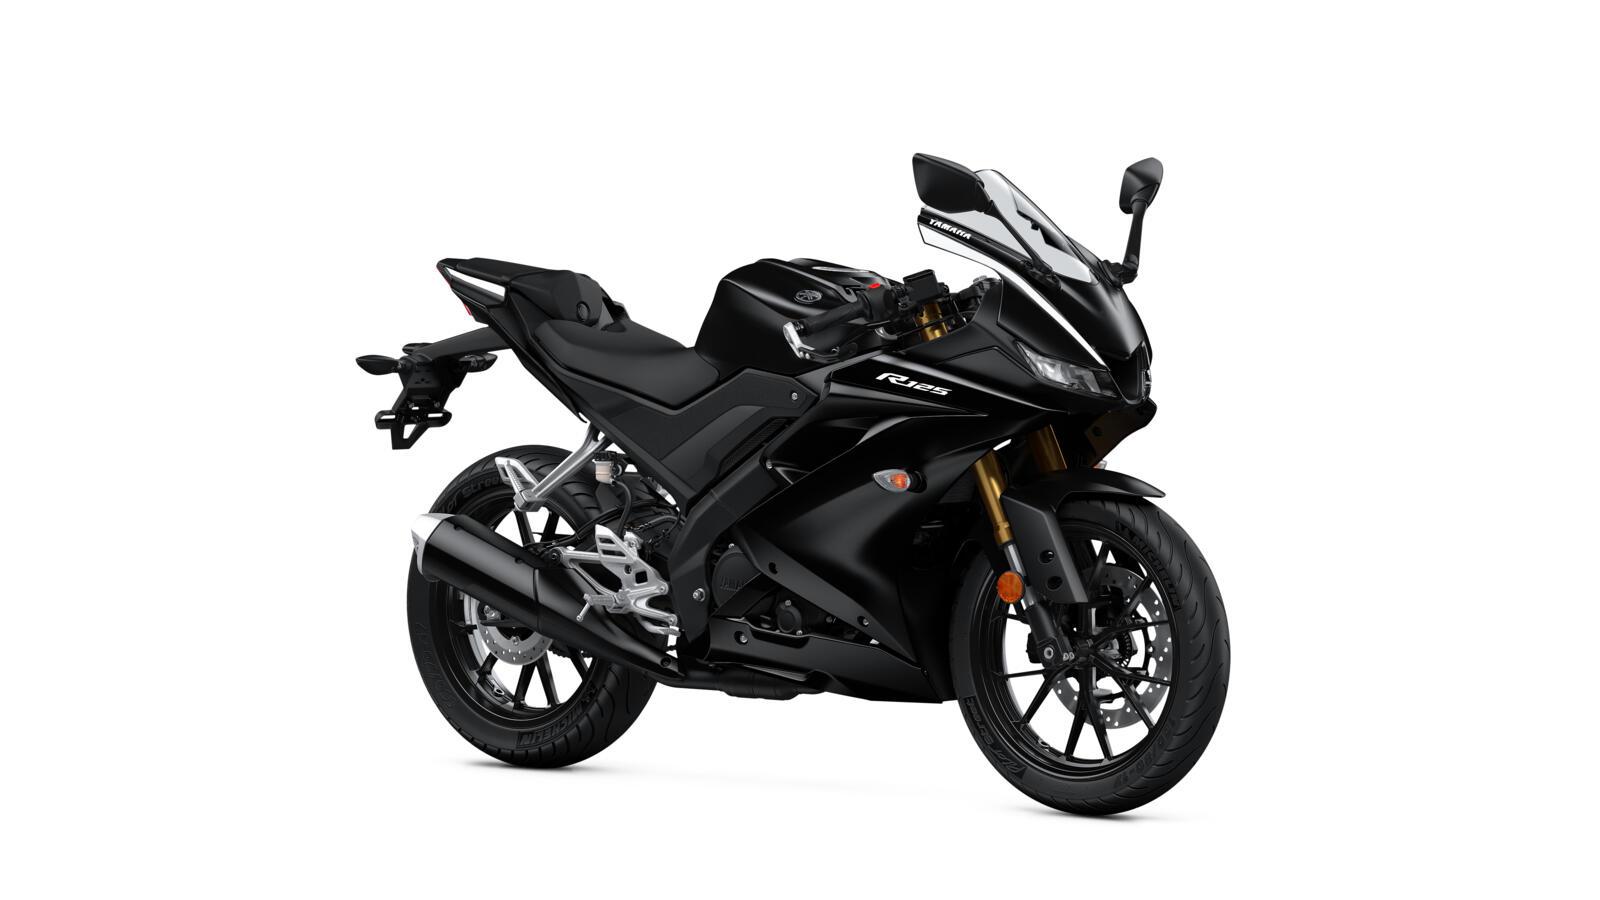 Yamaha YZF-R125 kopen